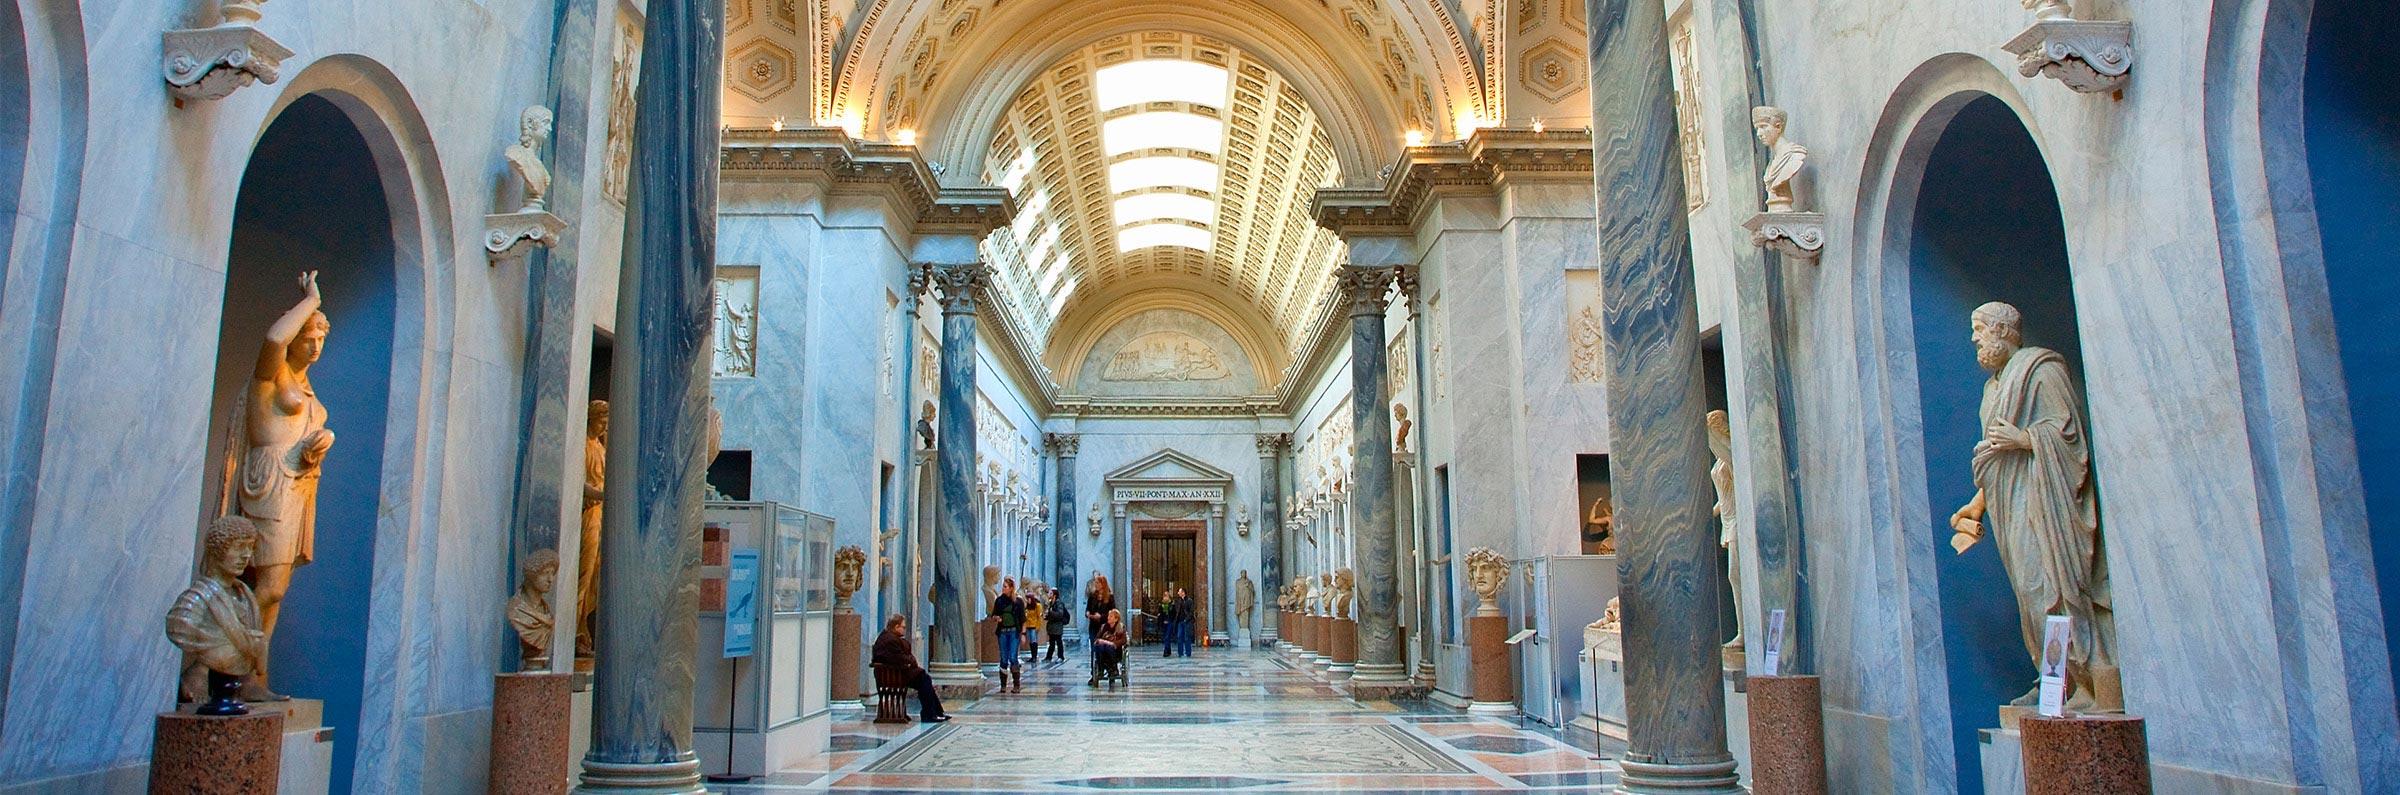 Arte y cultura in Roma